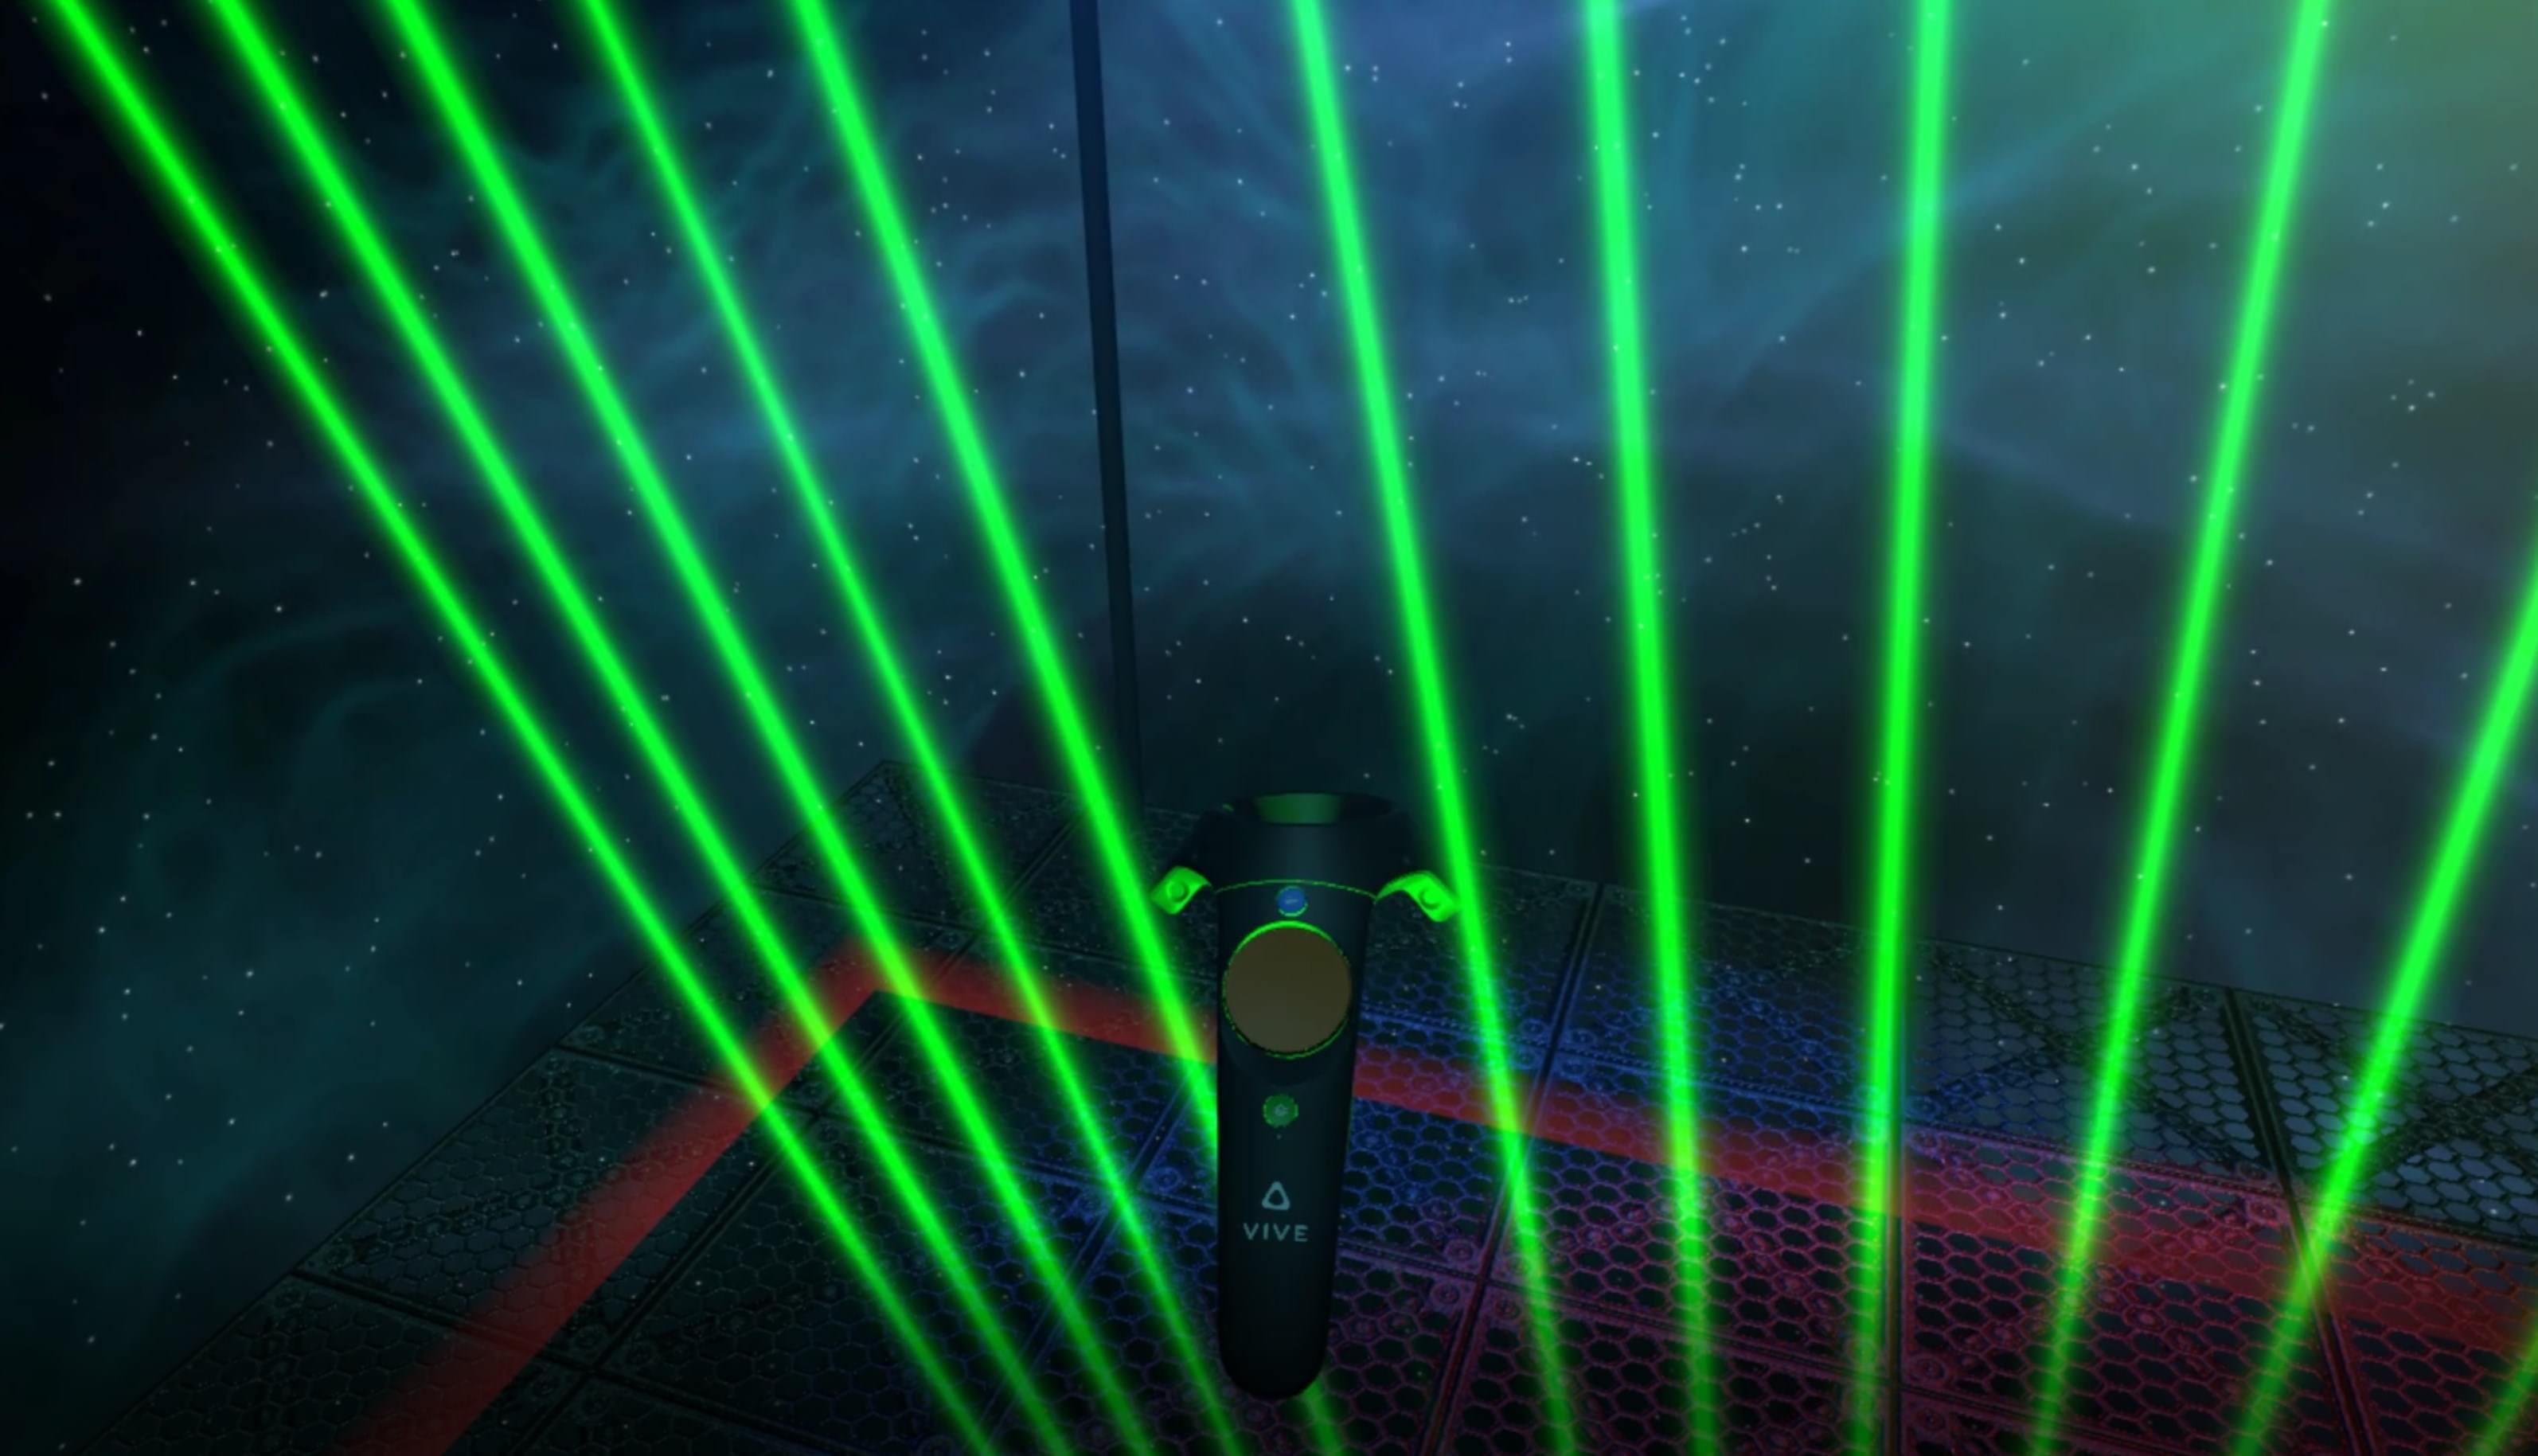 What's On Steam - VR Laser Harp